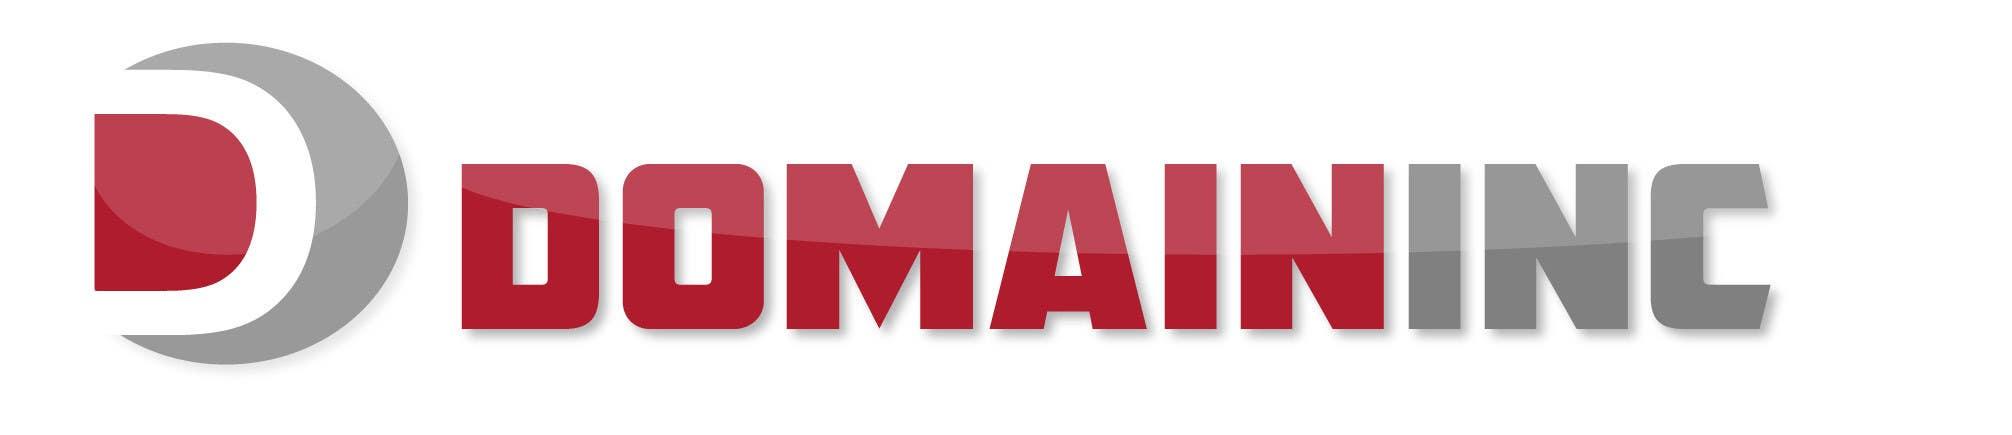 Konkurrenceindlæg #                                        113                                      for                                         Logo Design for web hosting / domain management website